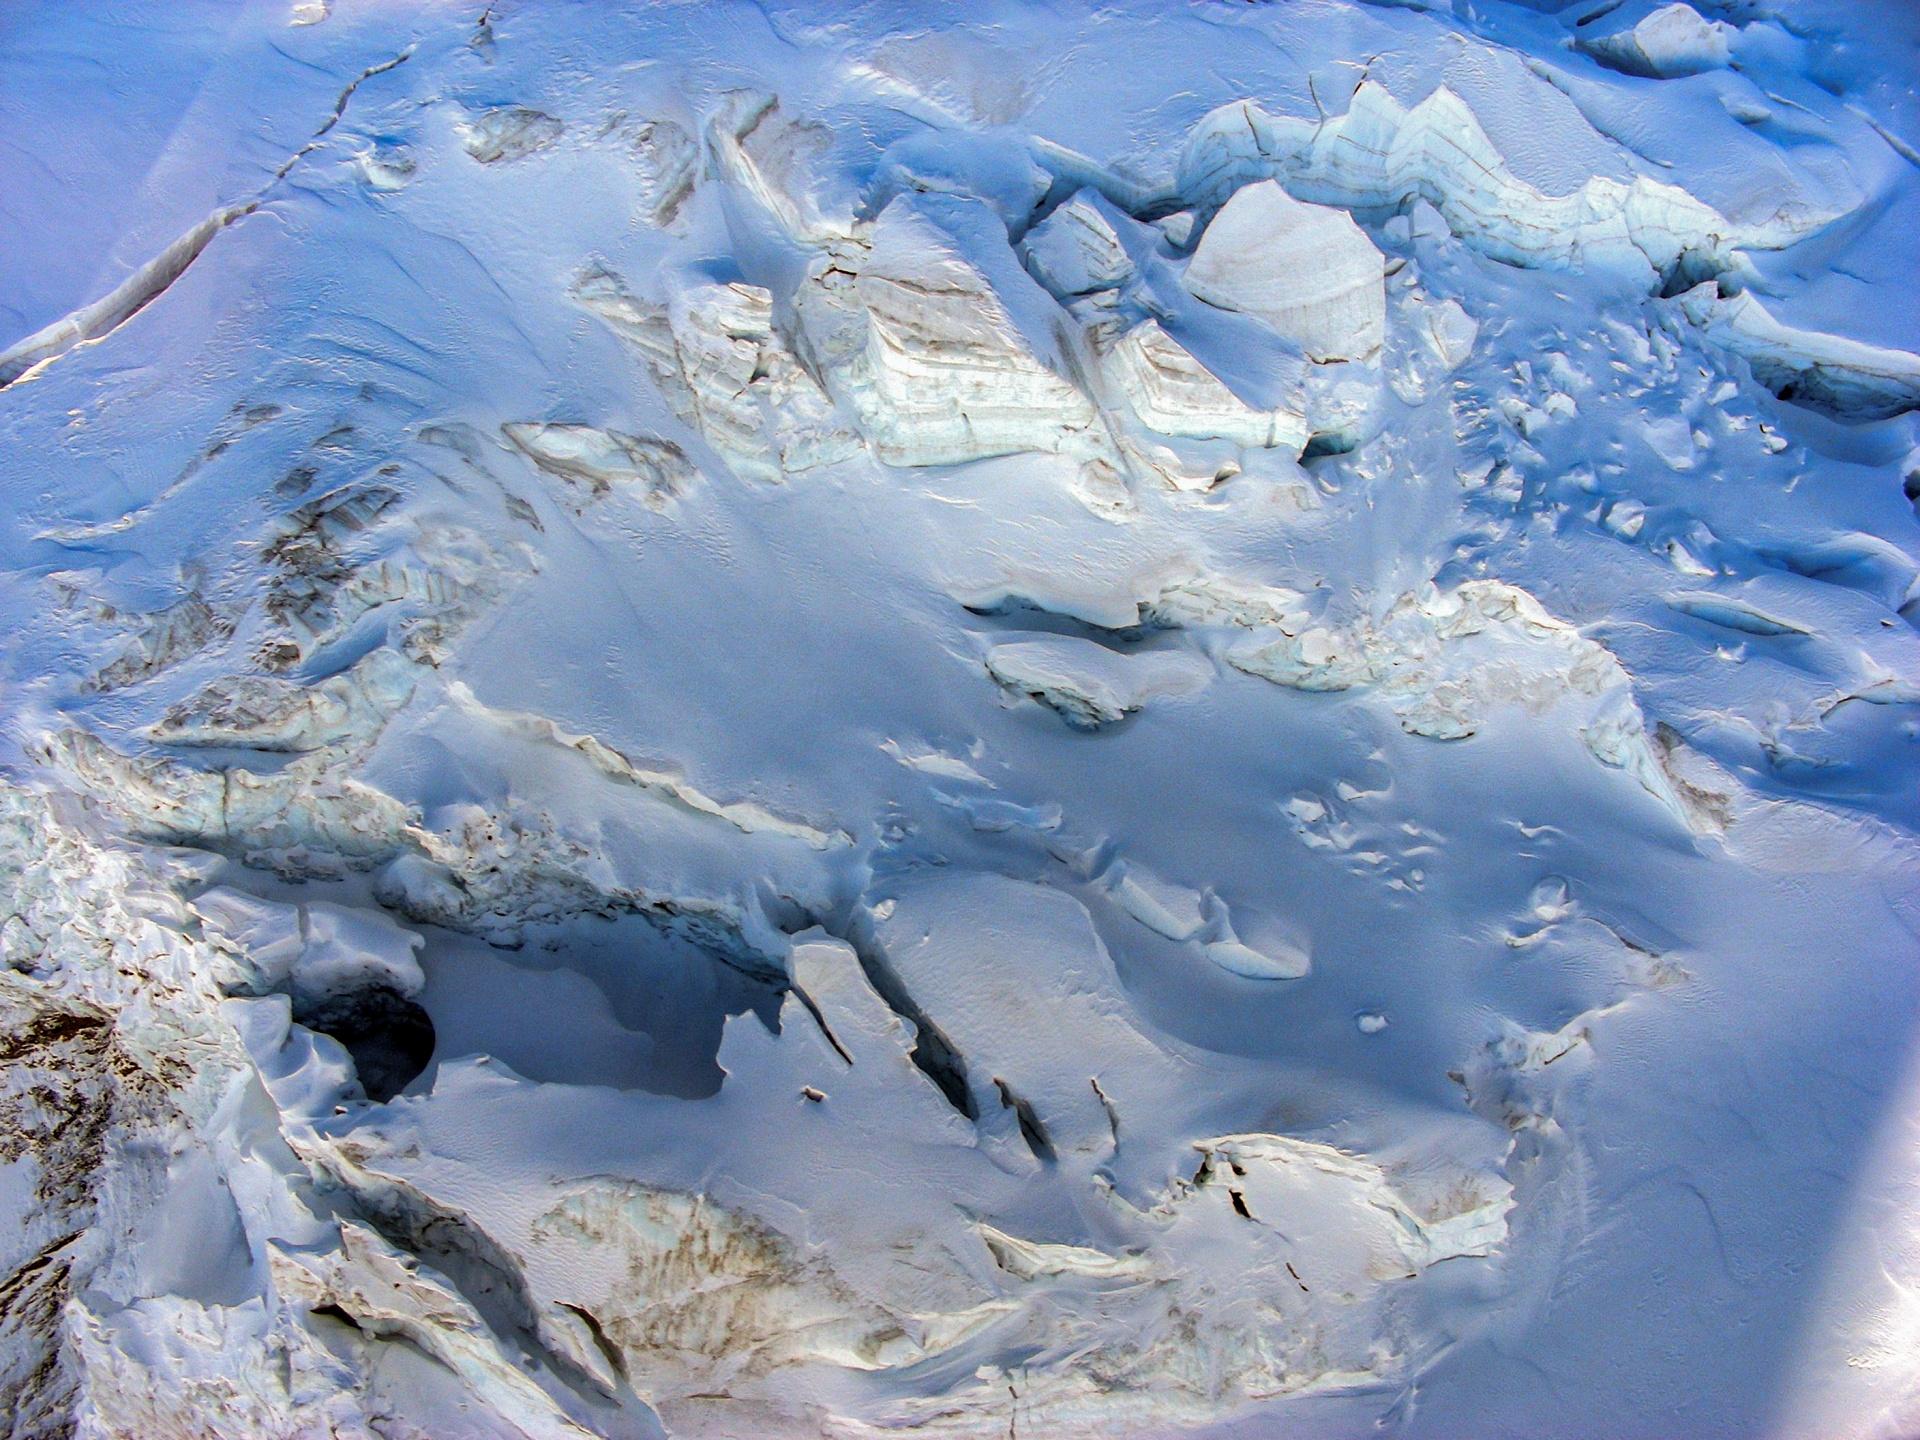 Flug über den Gletscher - Alpen